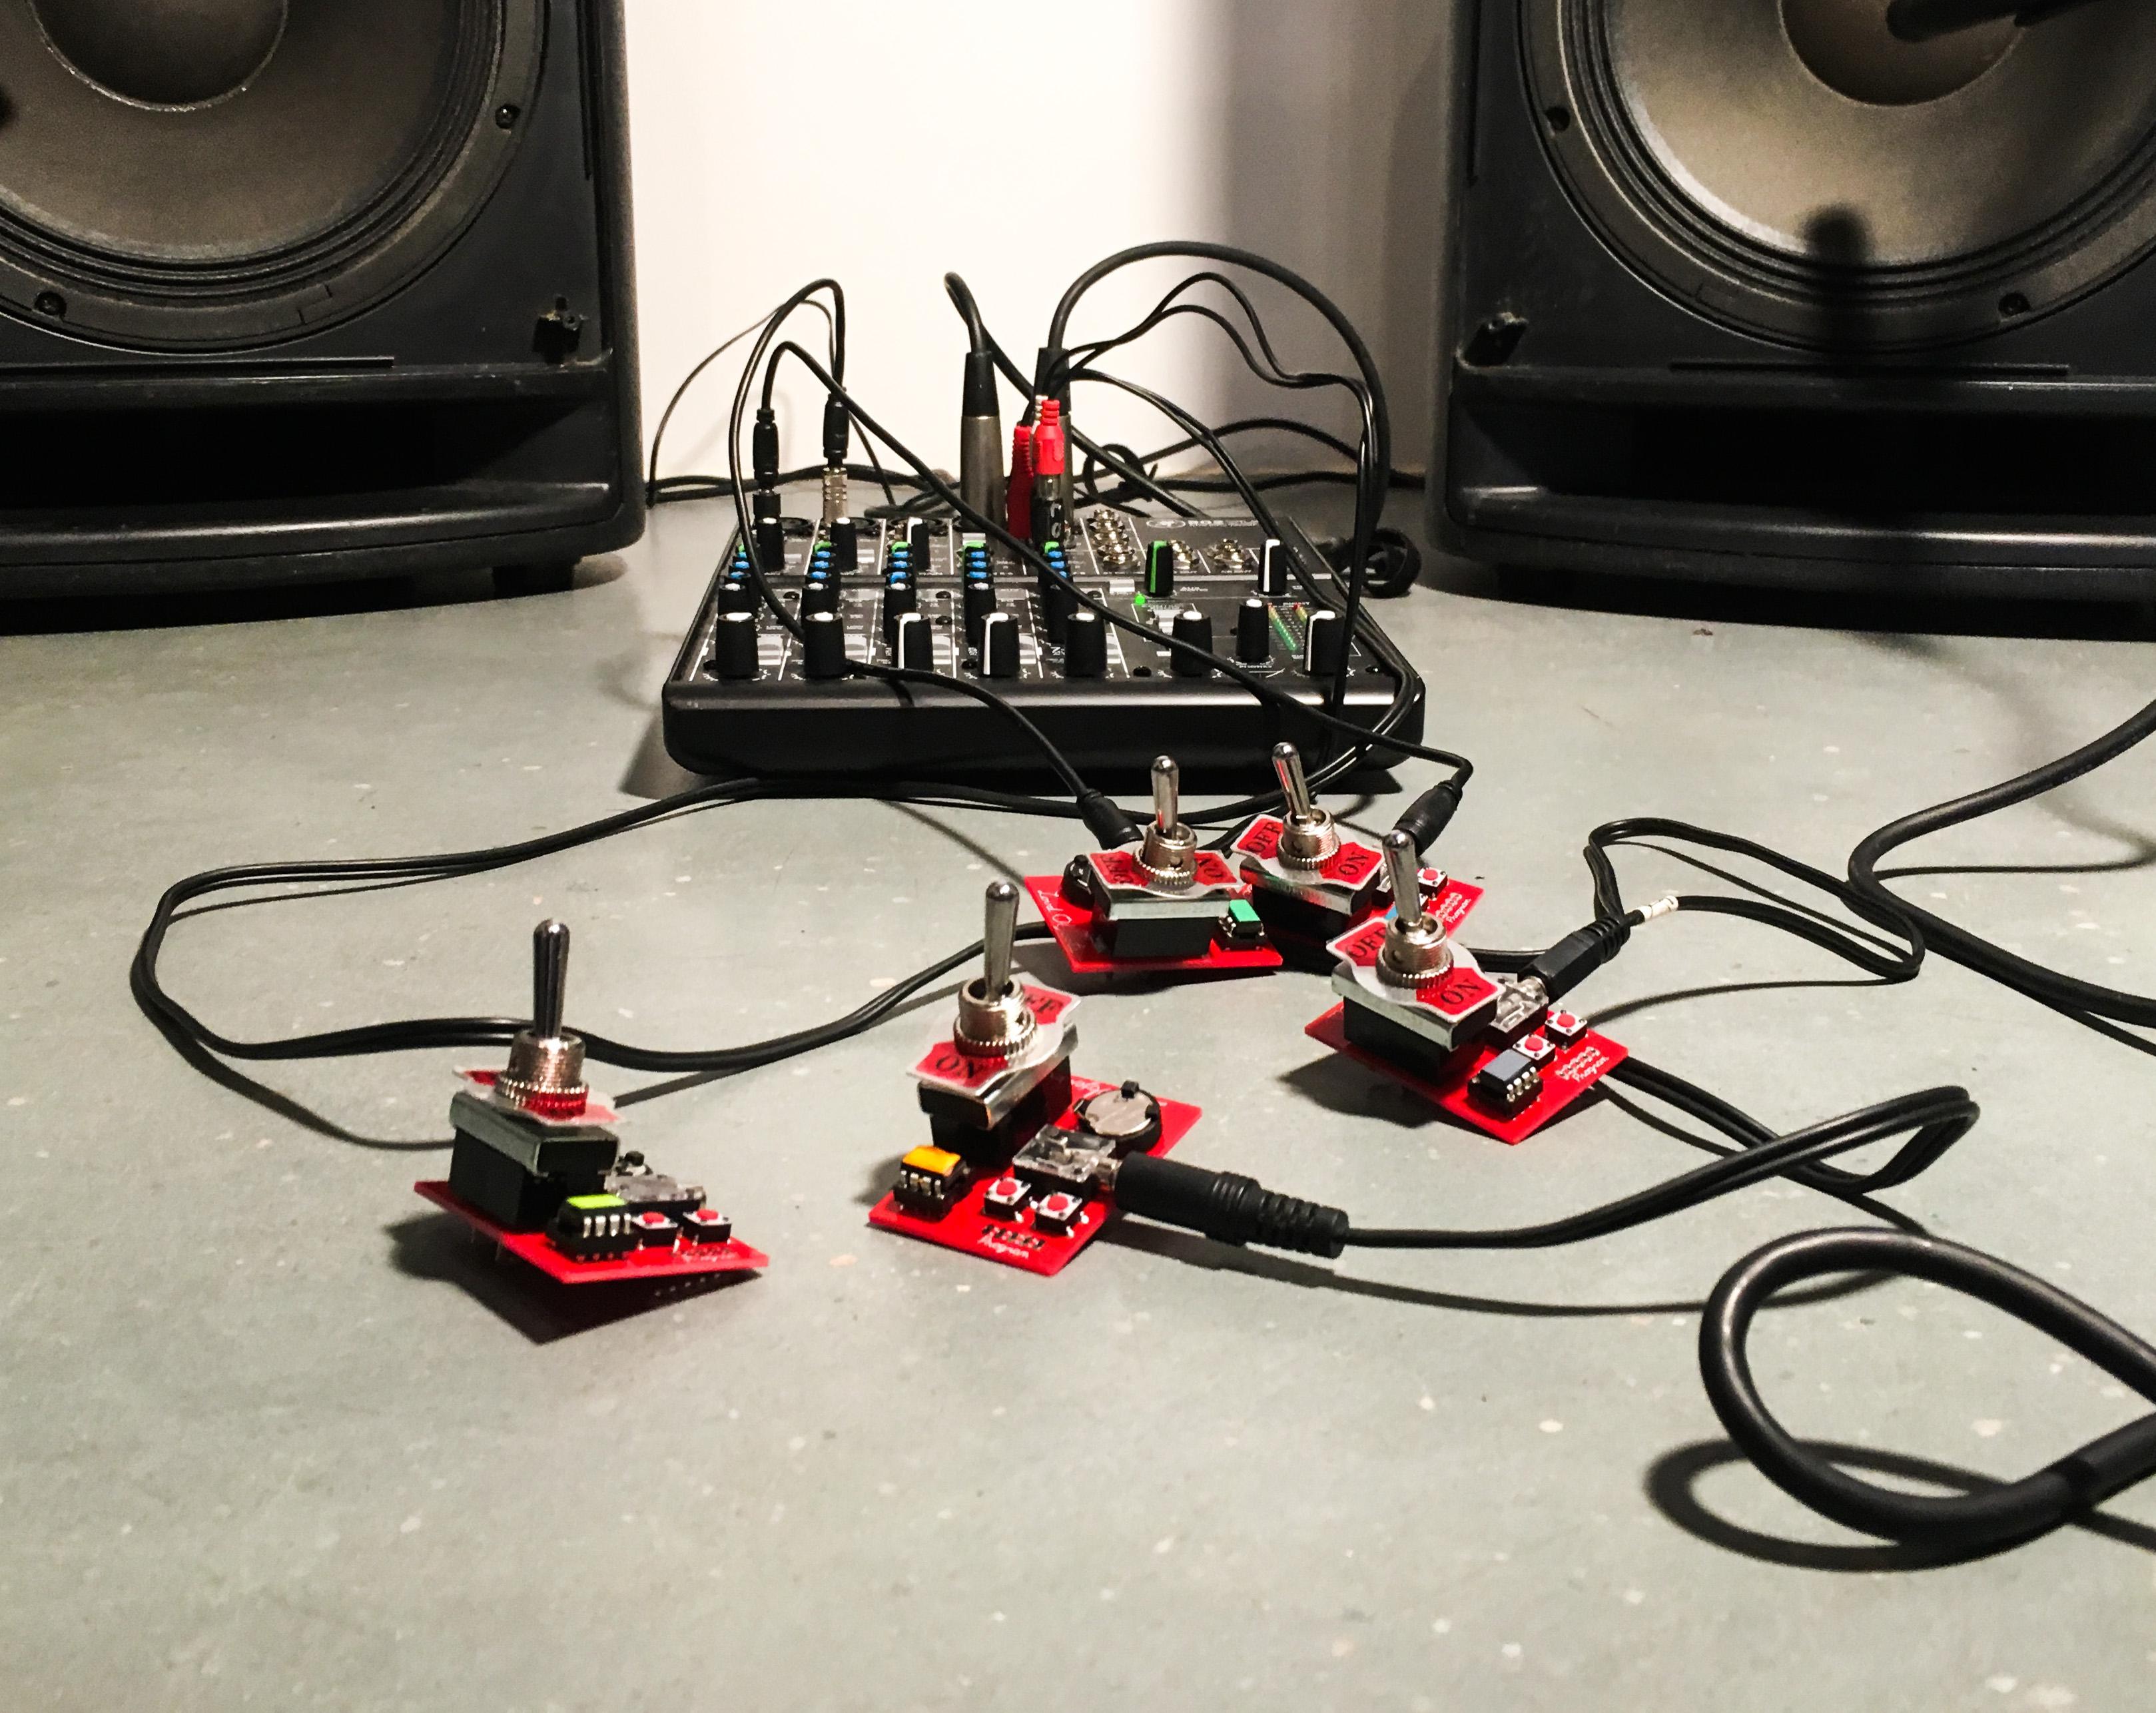 Loud objects noise toy 2